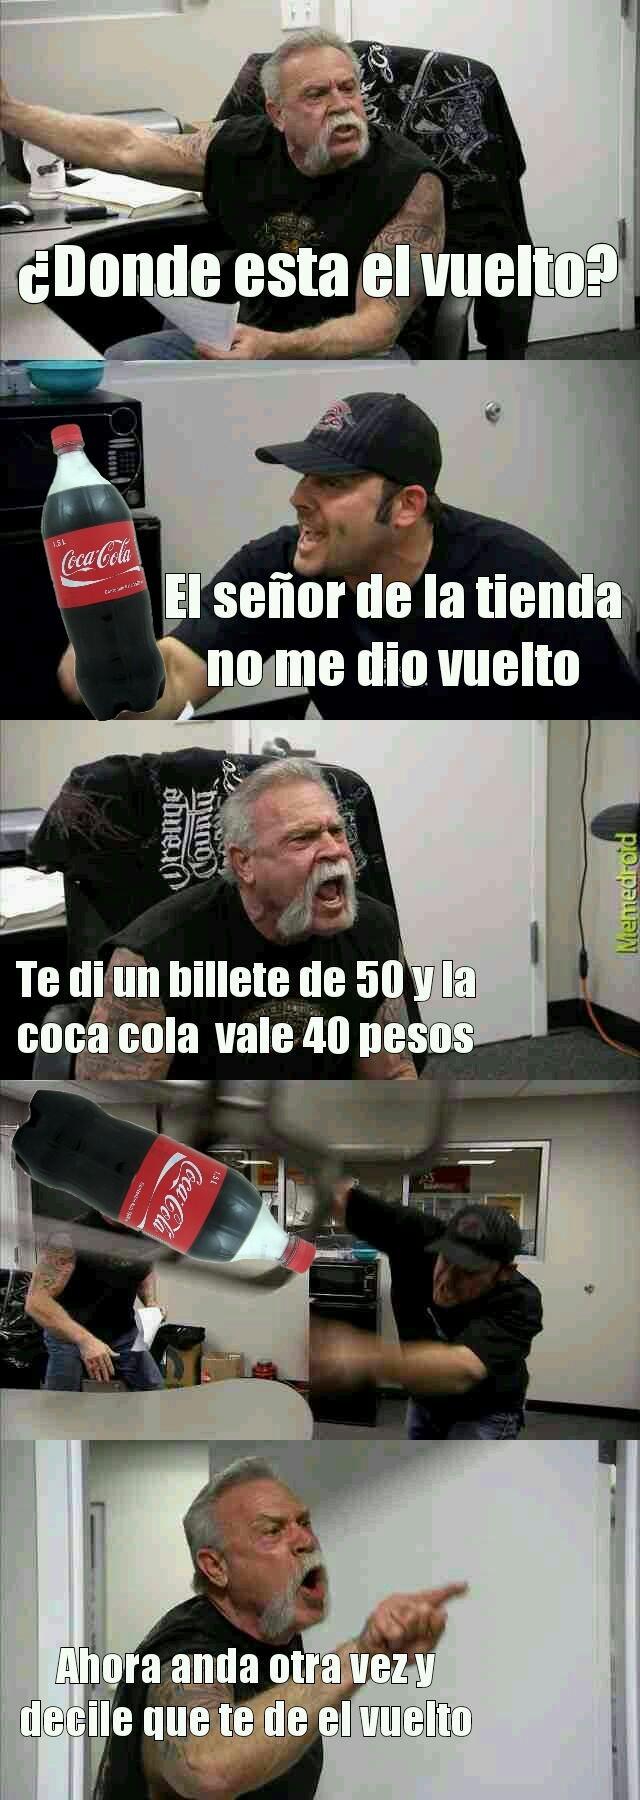 ¡TÍPICO! - meme